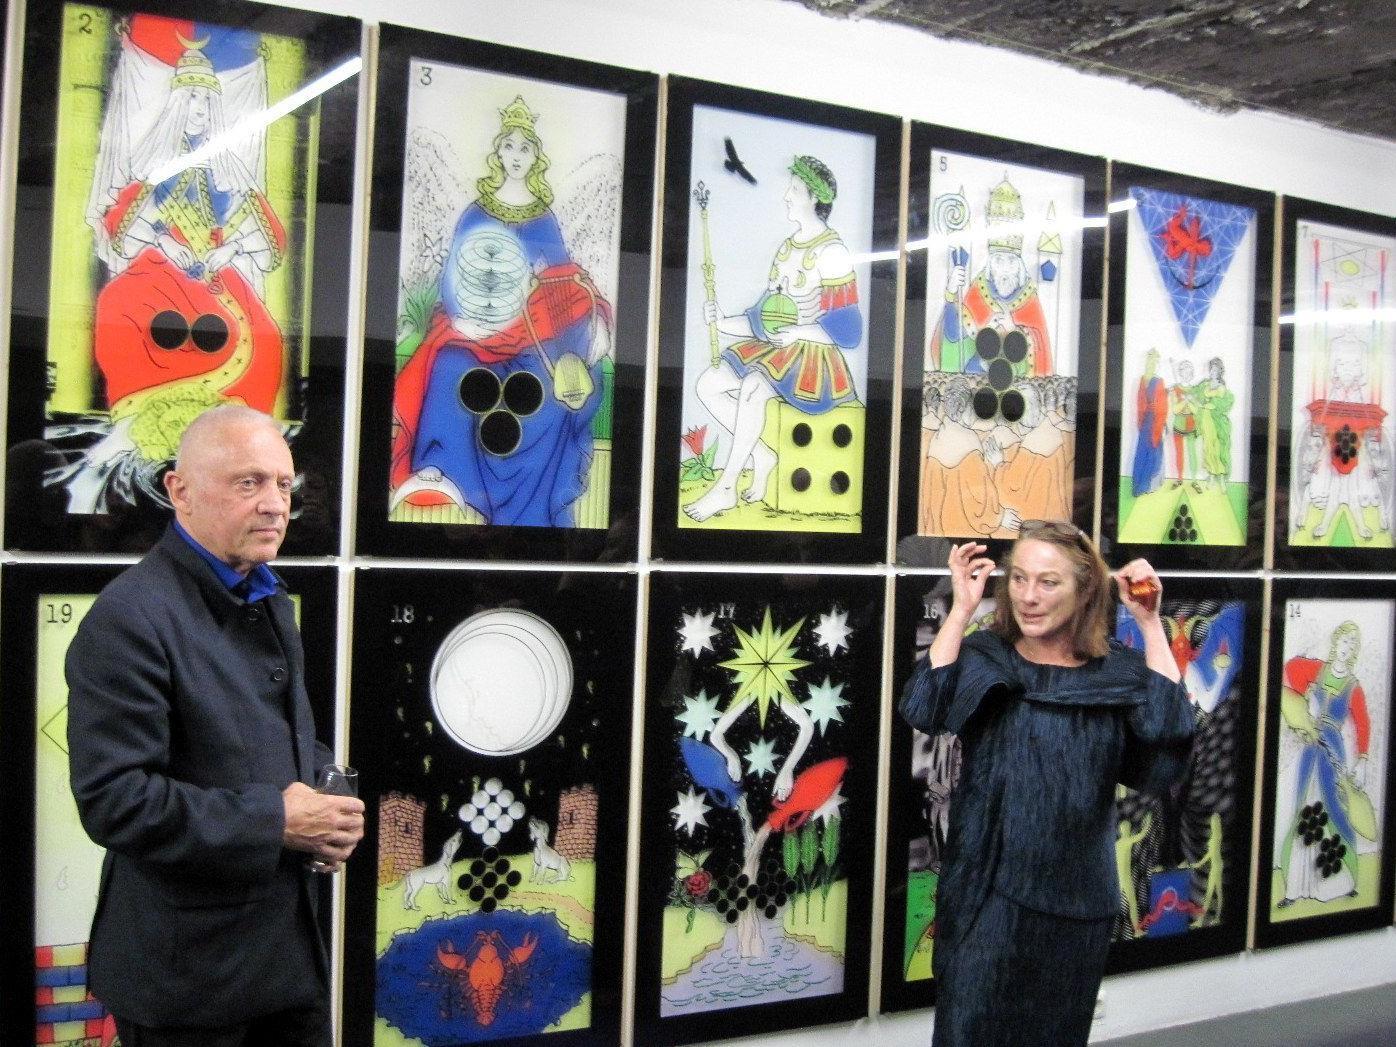 Galeristin Lisi Hämmerle bei der Ausstellungseröffnung mit Ugo Dossi